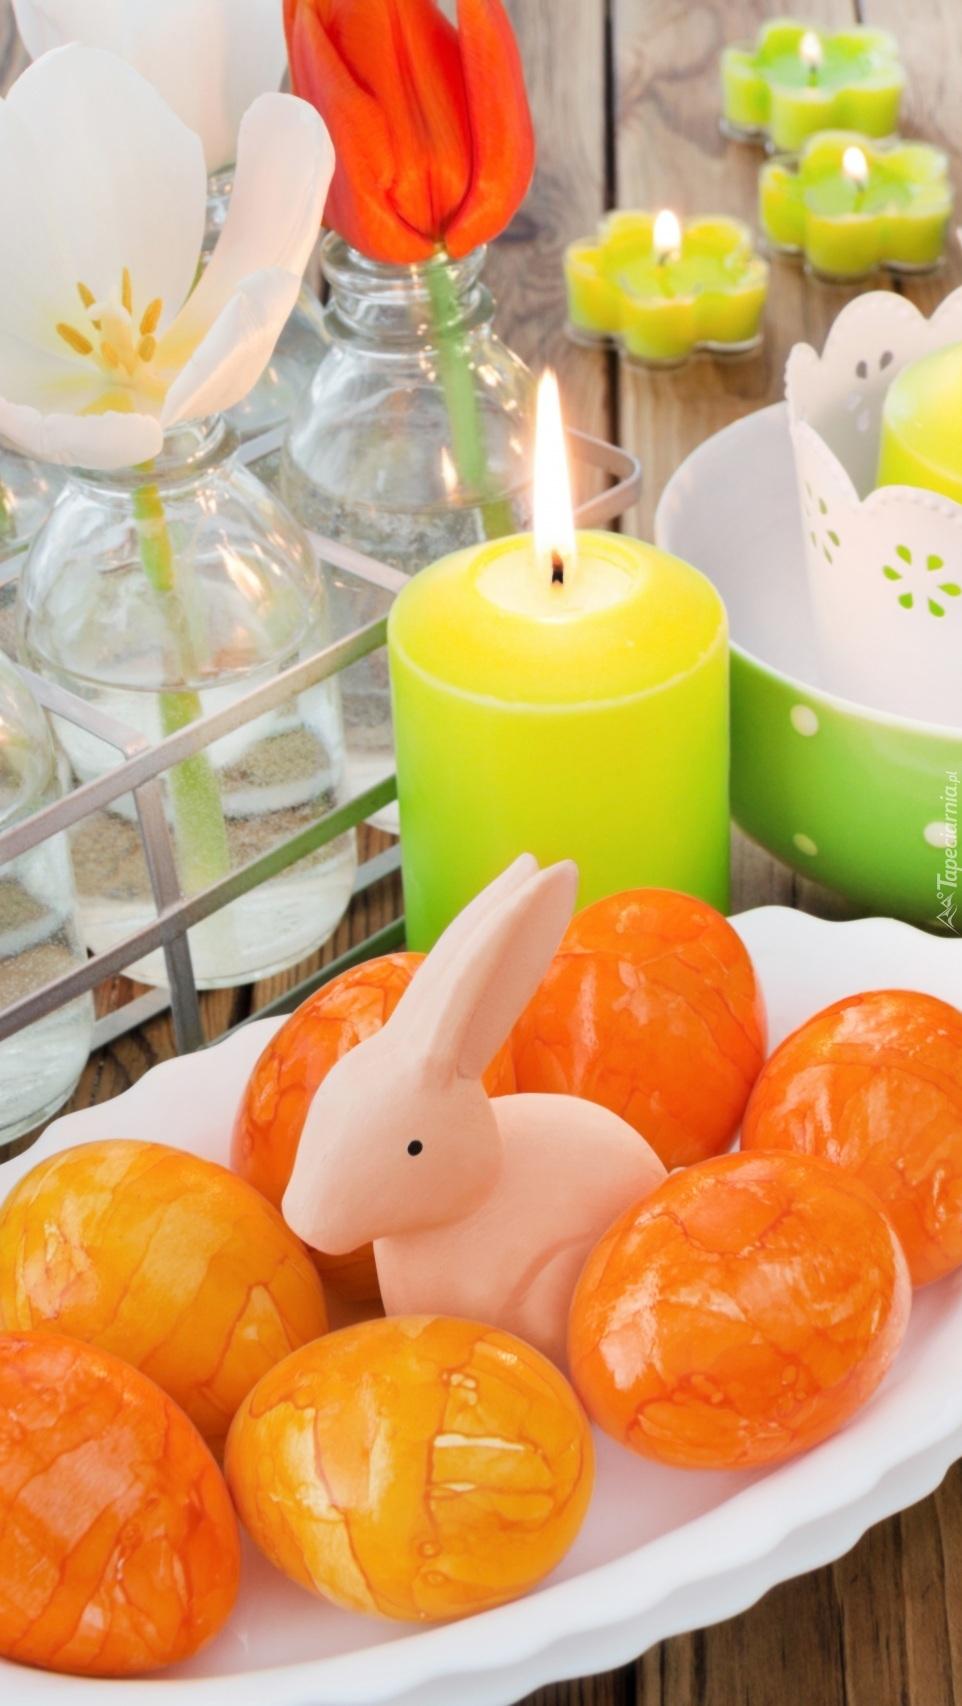 Zajączek w pisankach przy świecy